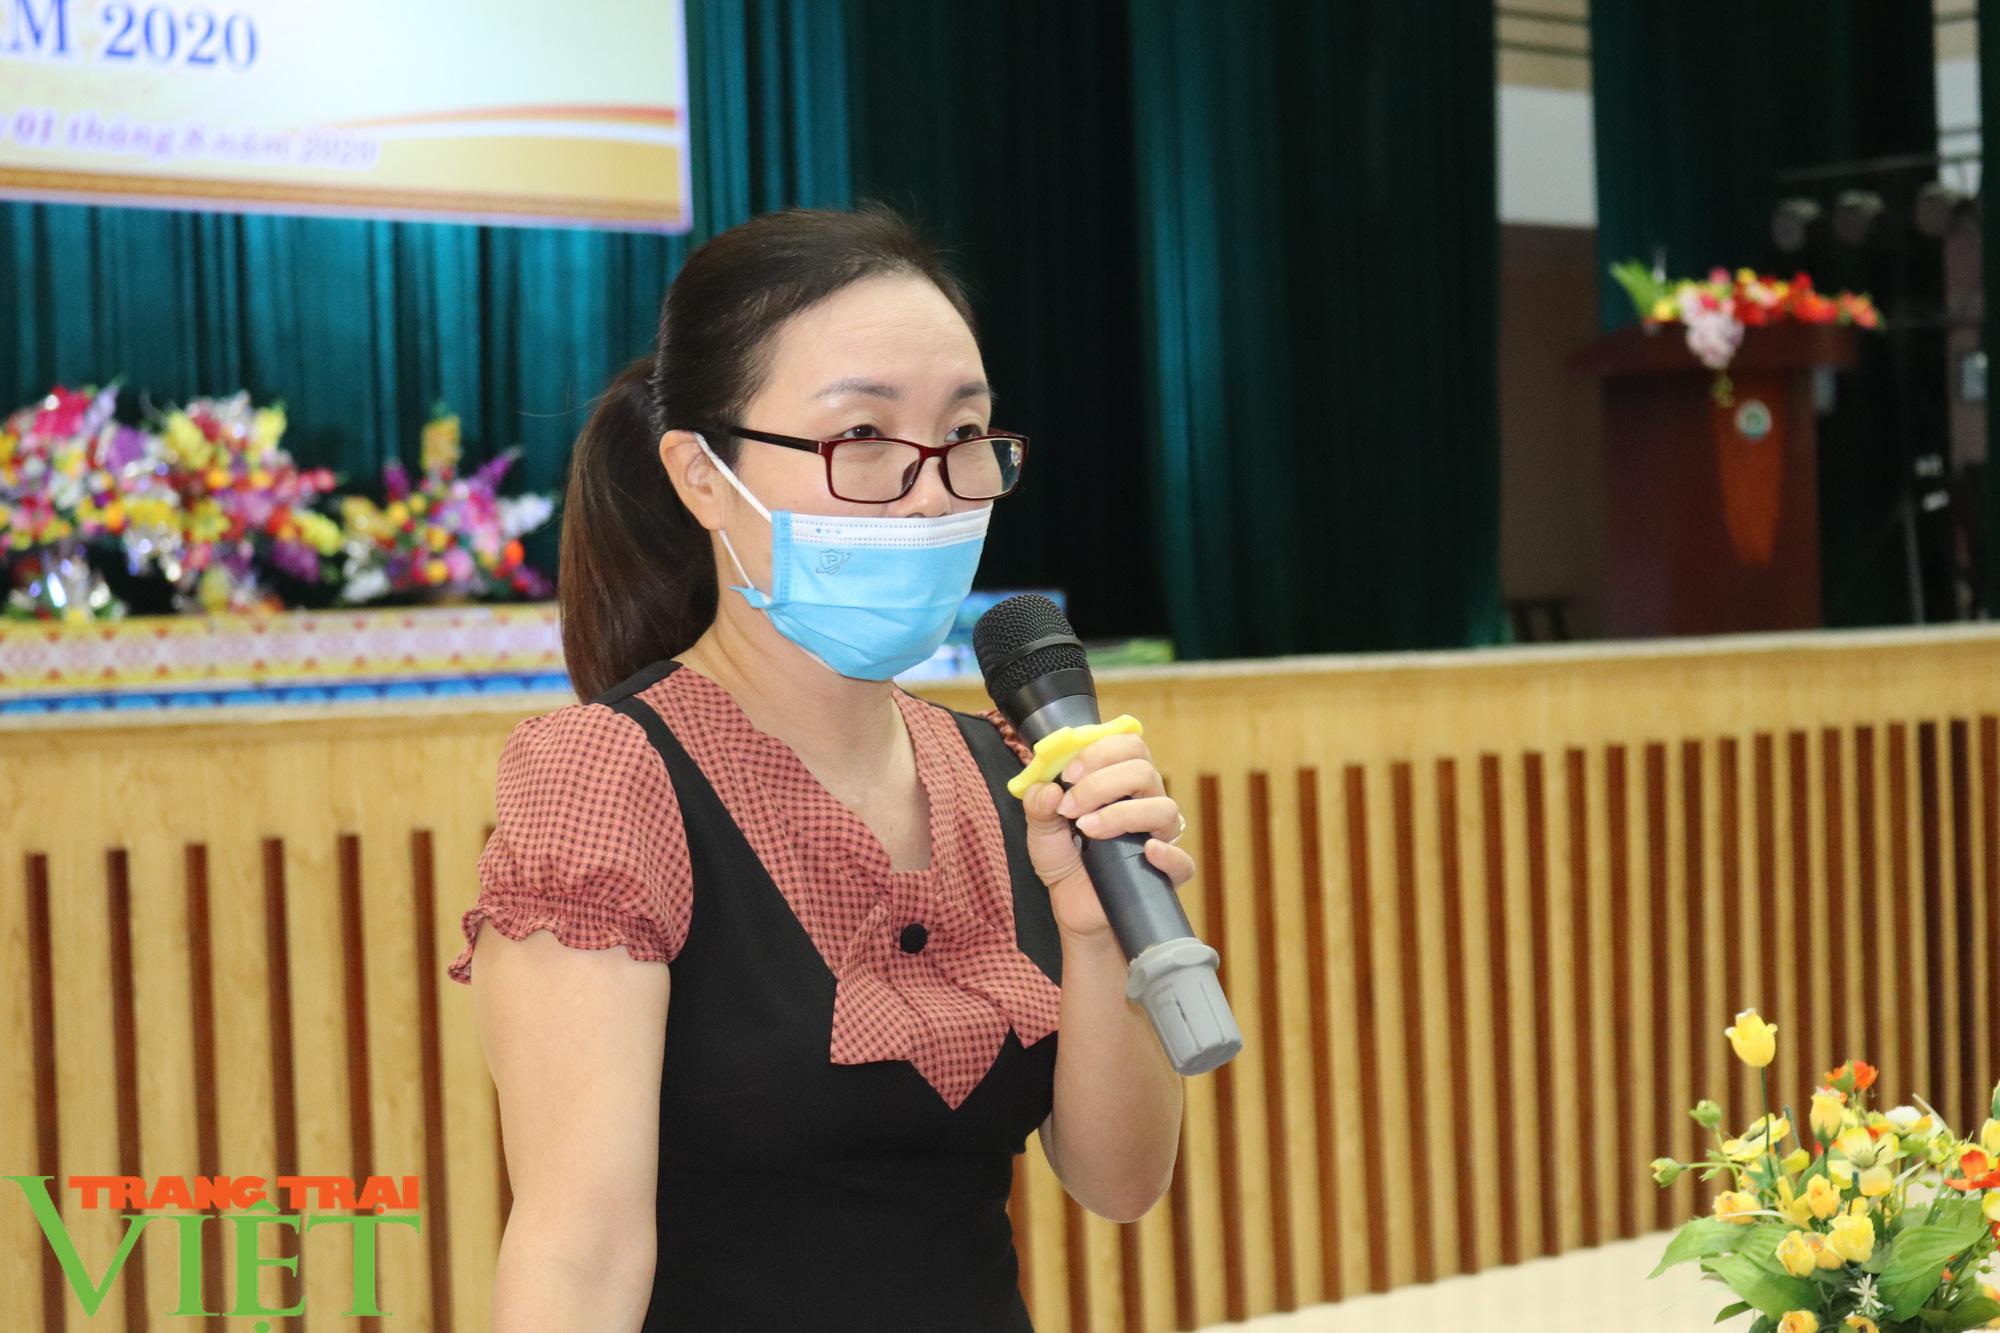 Sơn La: Hơn 1.000 cán bộ, giáo viên được tập huấn quy chế thi THPT năm 2020 - Ảnh 4.